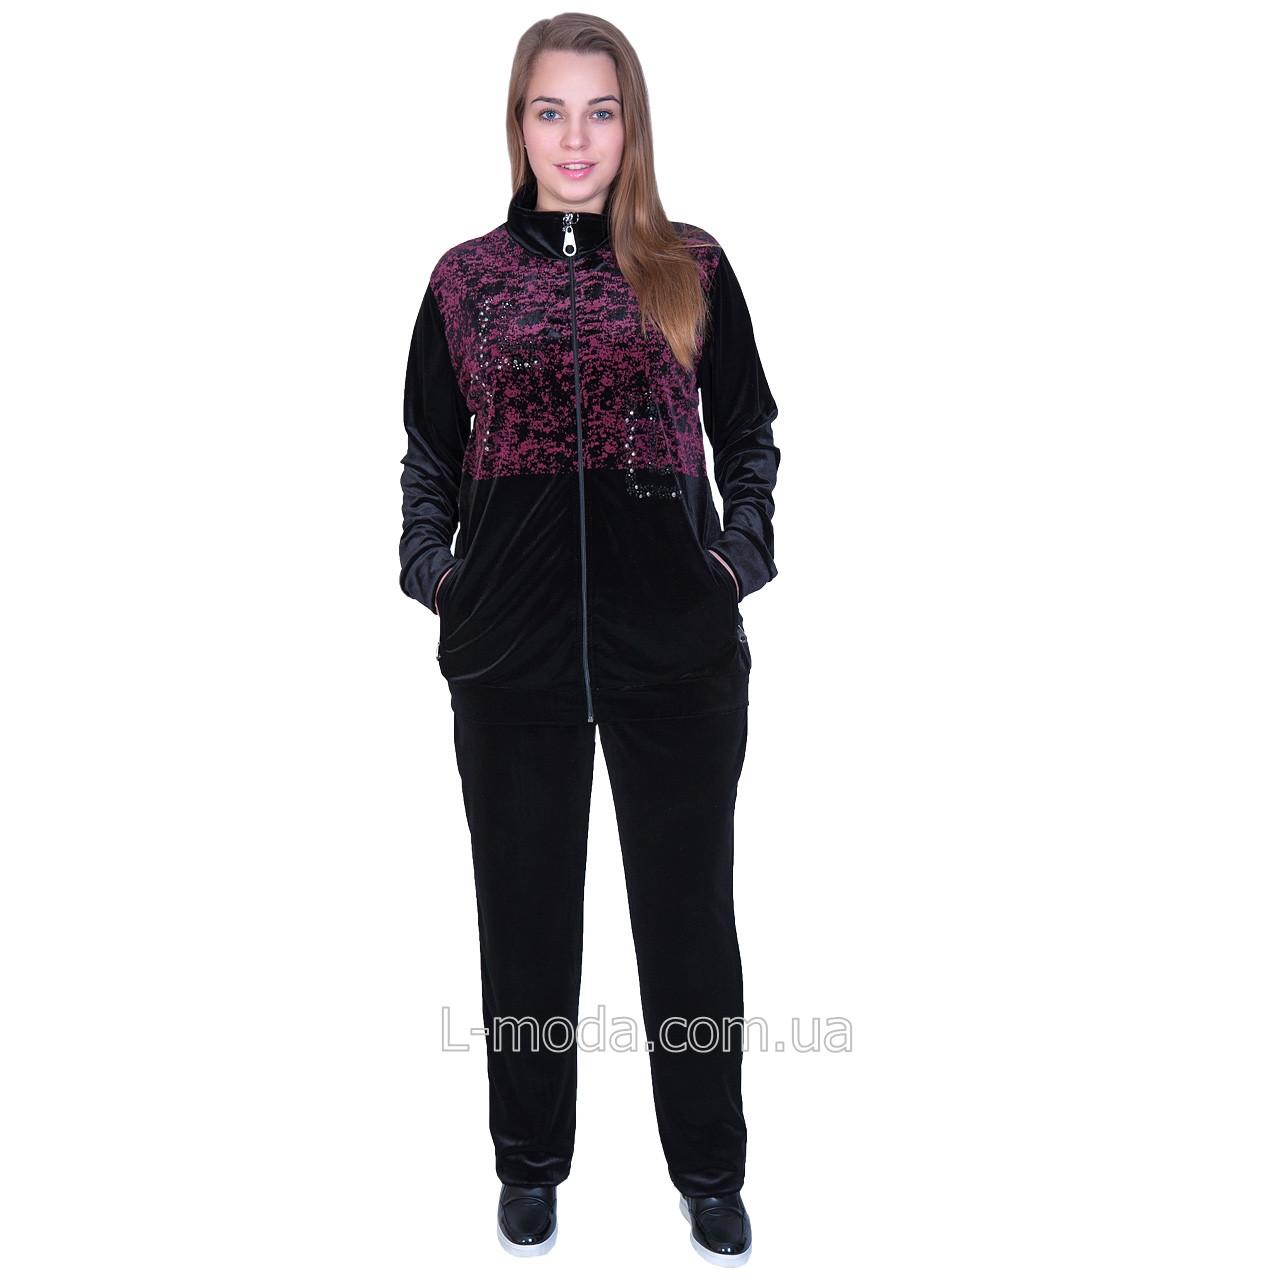 65229fe5 Спортивный костюм велюровый женский - L MODA магазин женской одежды,  производитель женской одежды и поставщик